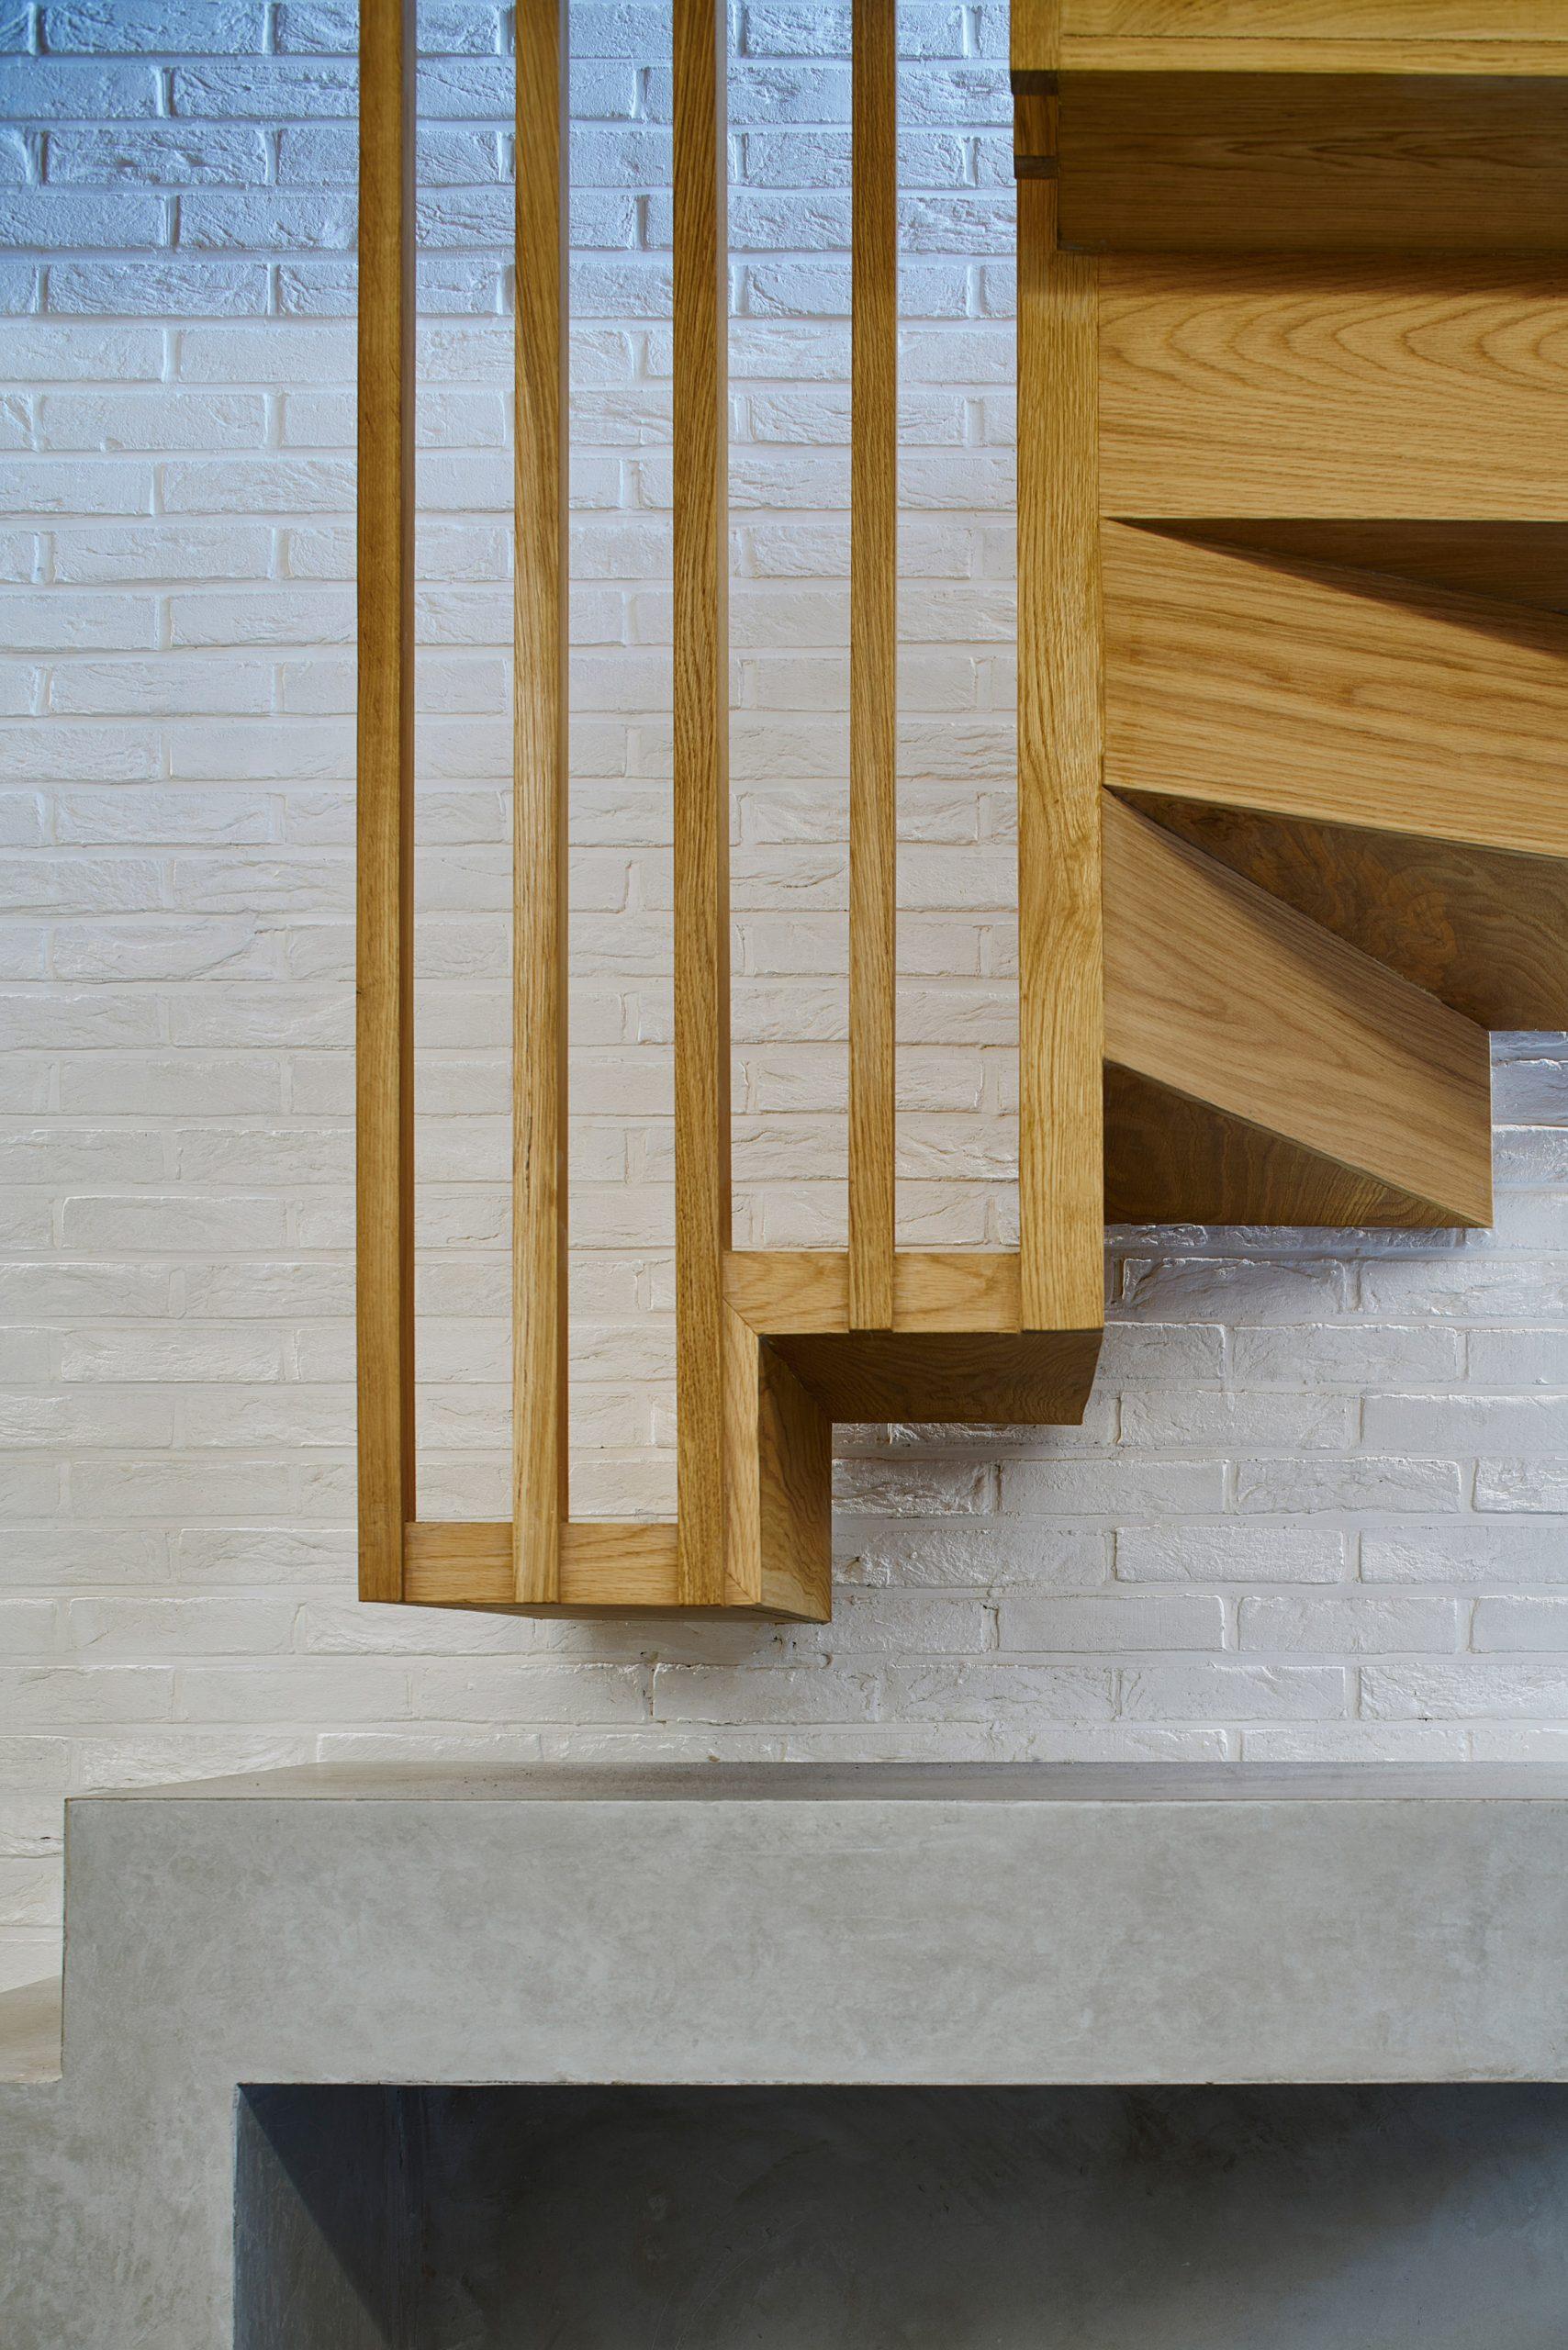 Thiết kế nhà gỗ hiện đại 11